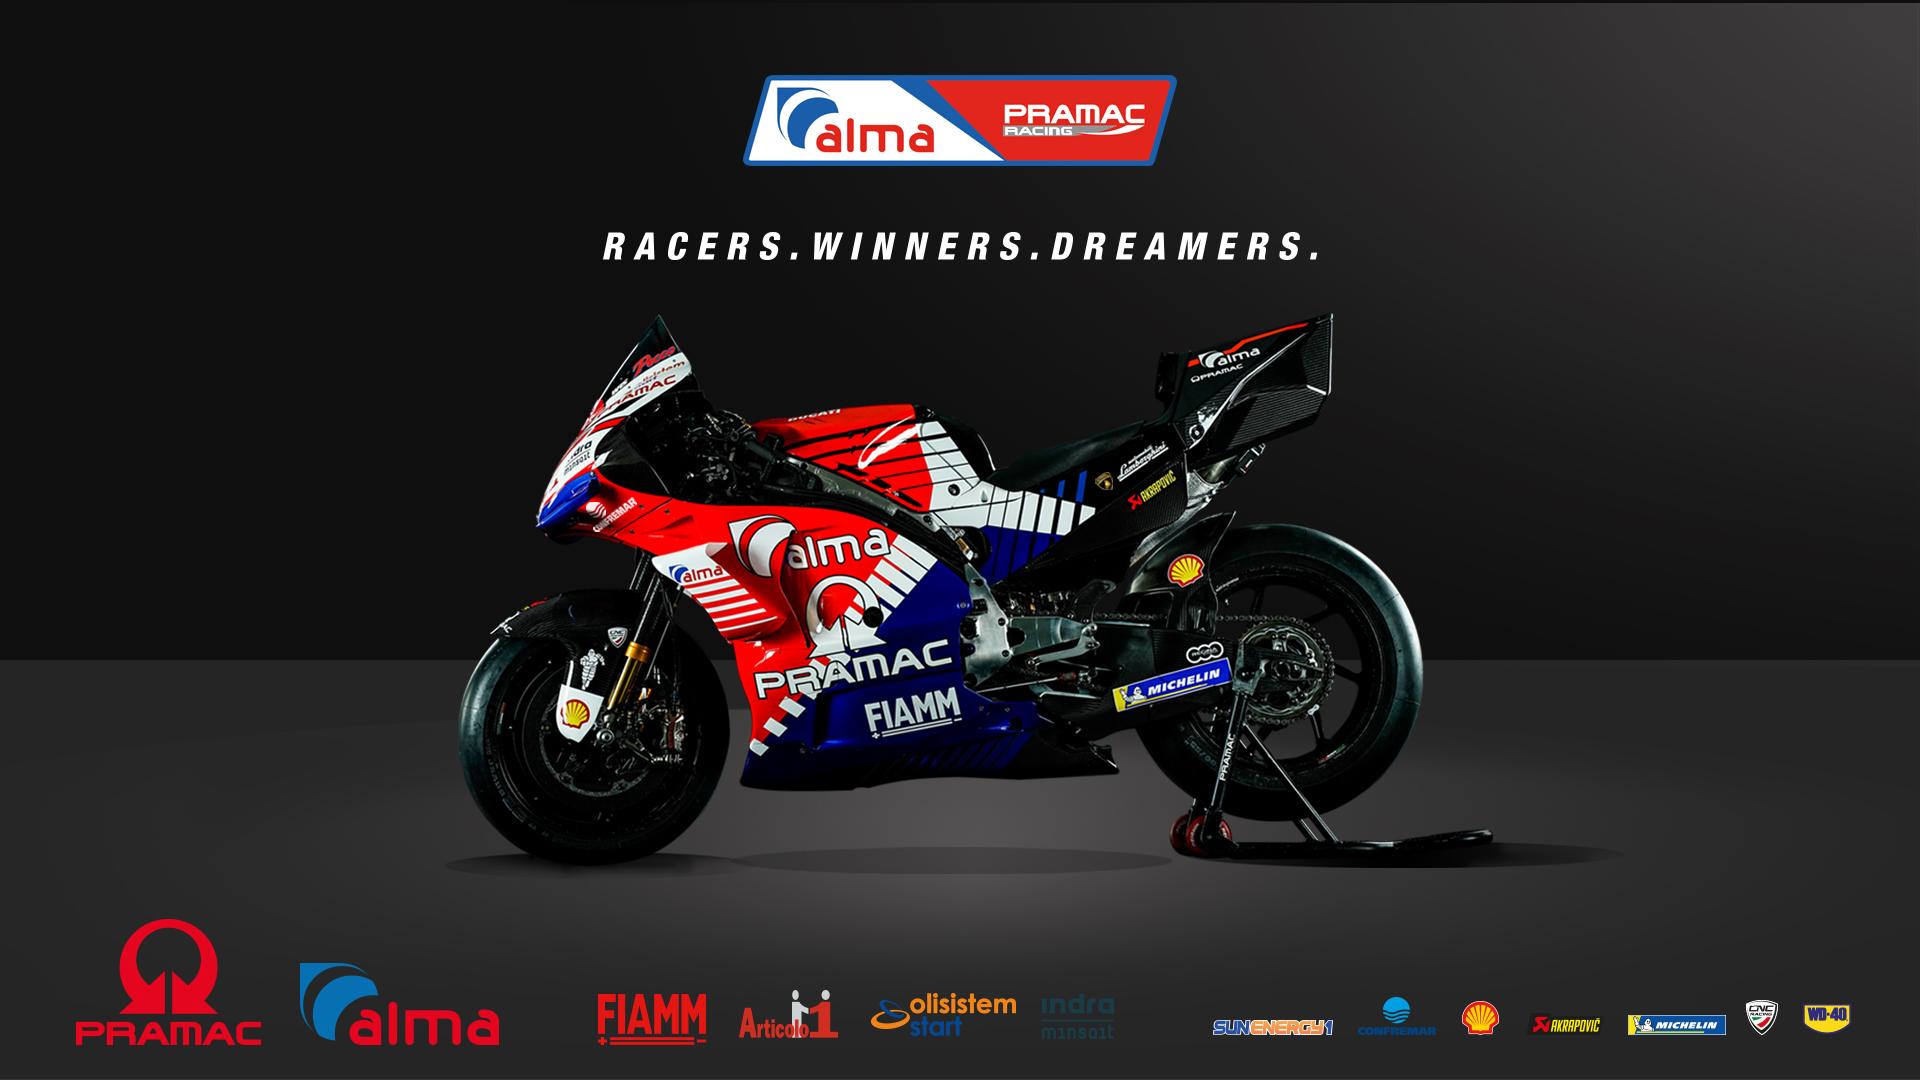 12] Pramac Ducati 2019 Wallpapers on WallpaperSafari 1920x1080